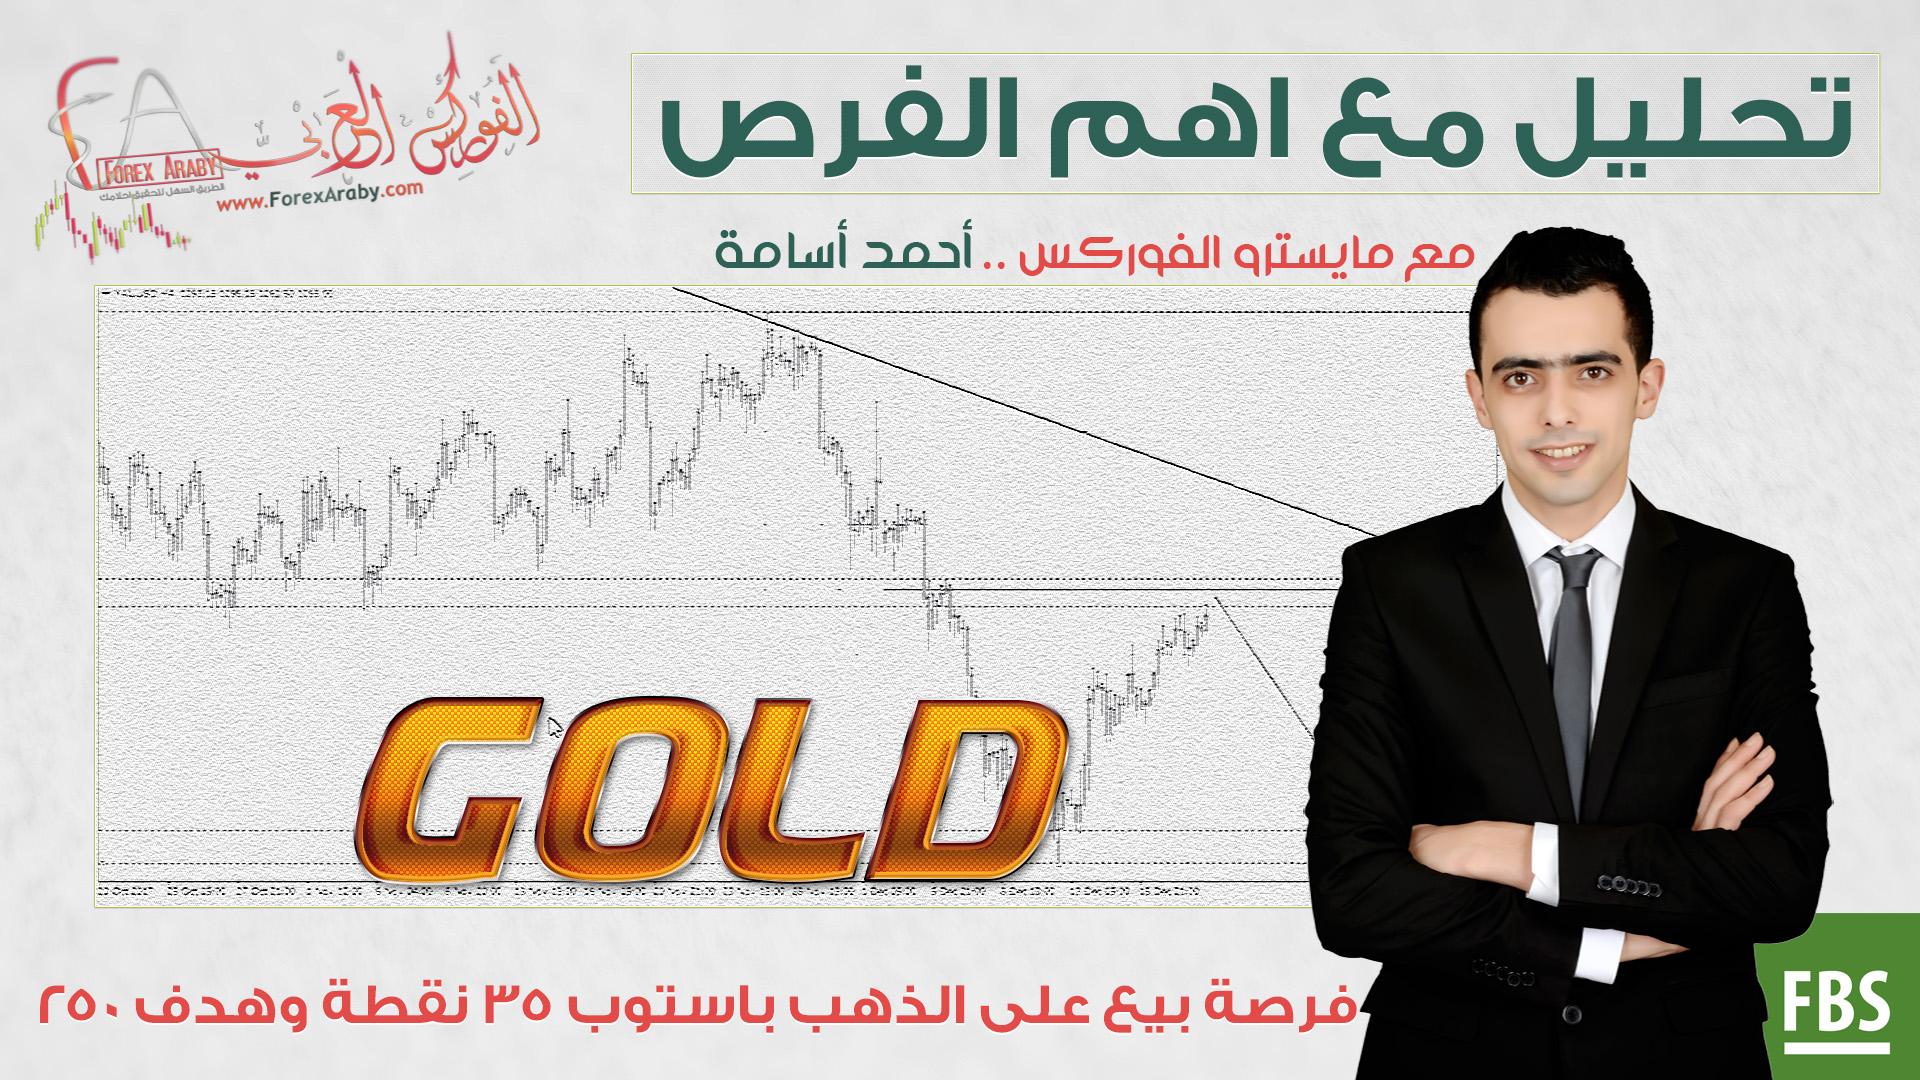 فرصة بيع على الذهب باستوب 35 نقطة وهدف 250 نقطة